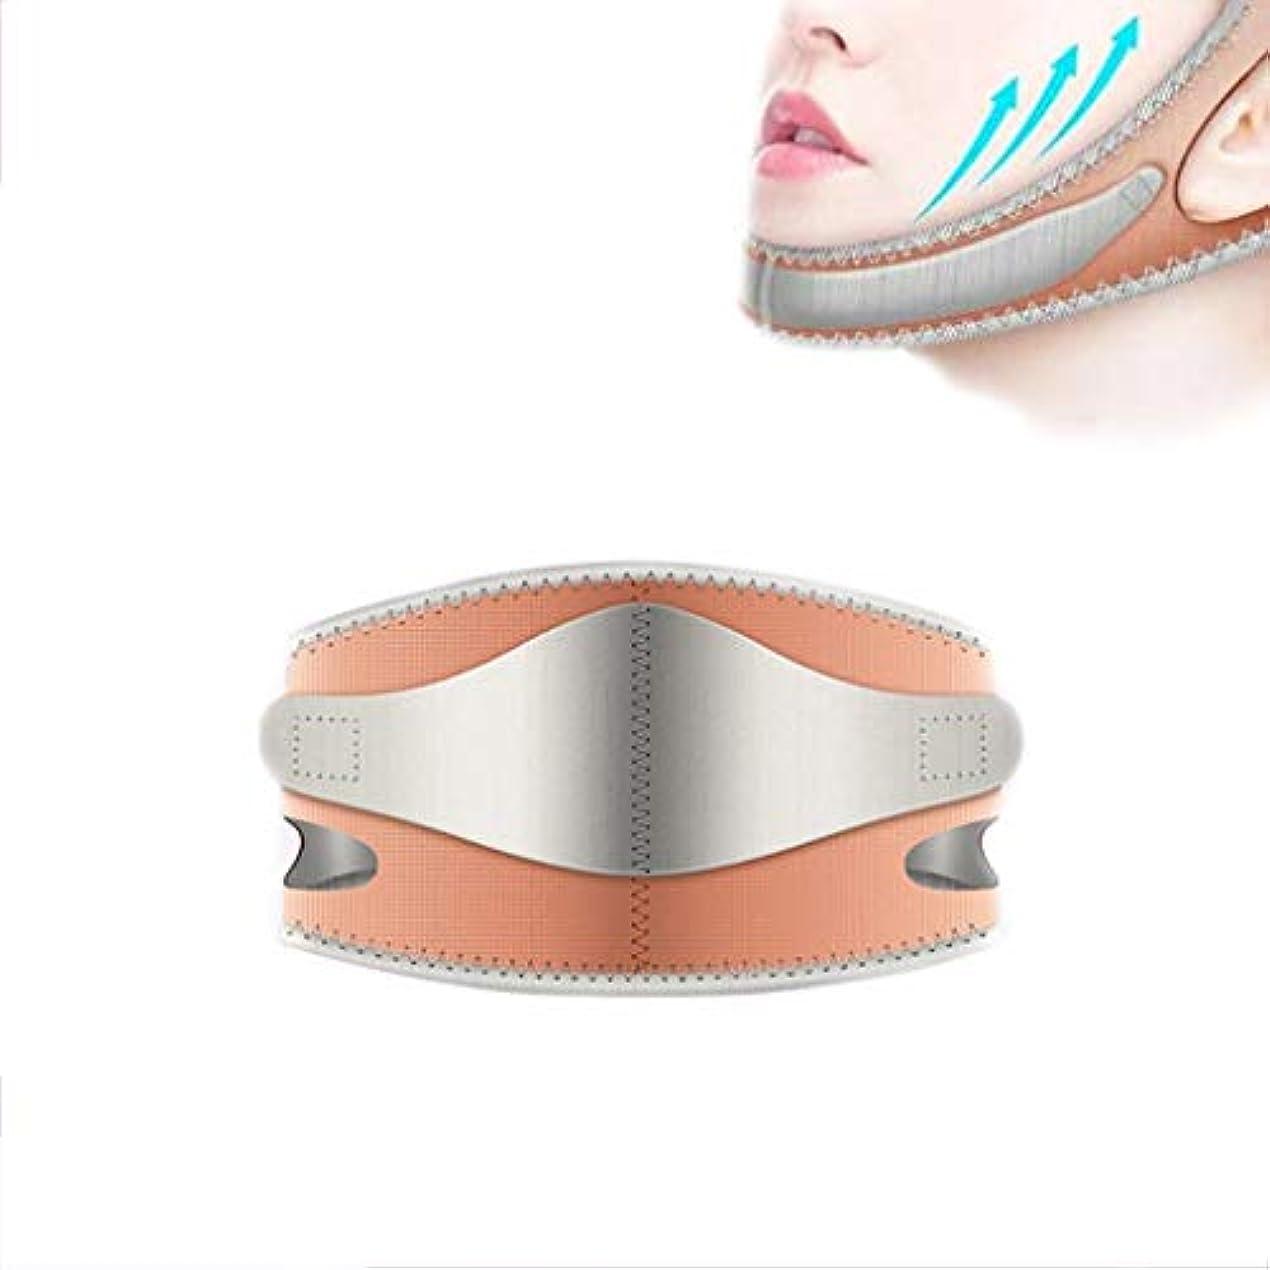 抑止するインシュレータ寝てるフェイススリミング包帯、フェイスリフトマスク、フェイスリフティング、チンリフティングアンチシワ、フェイスシェイピングベルト(ワンサイズ、ゴールデンイエロー)